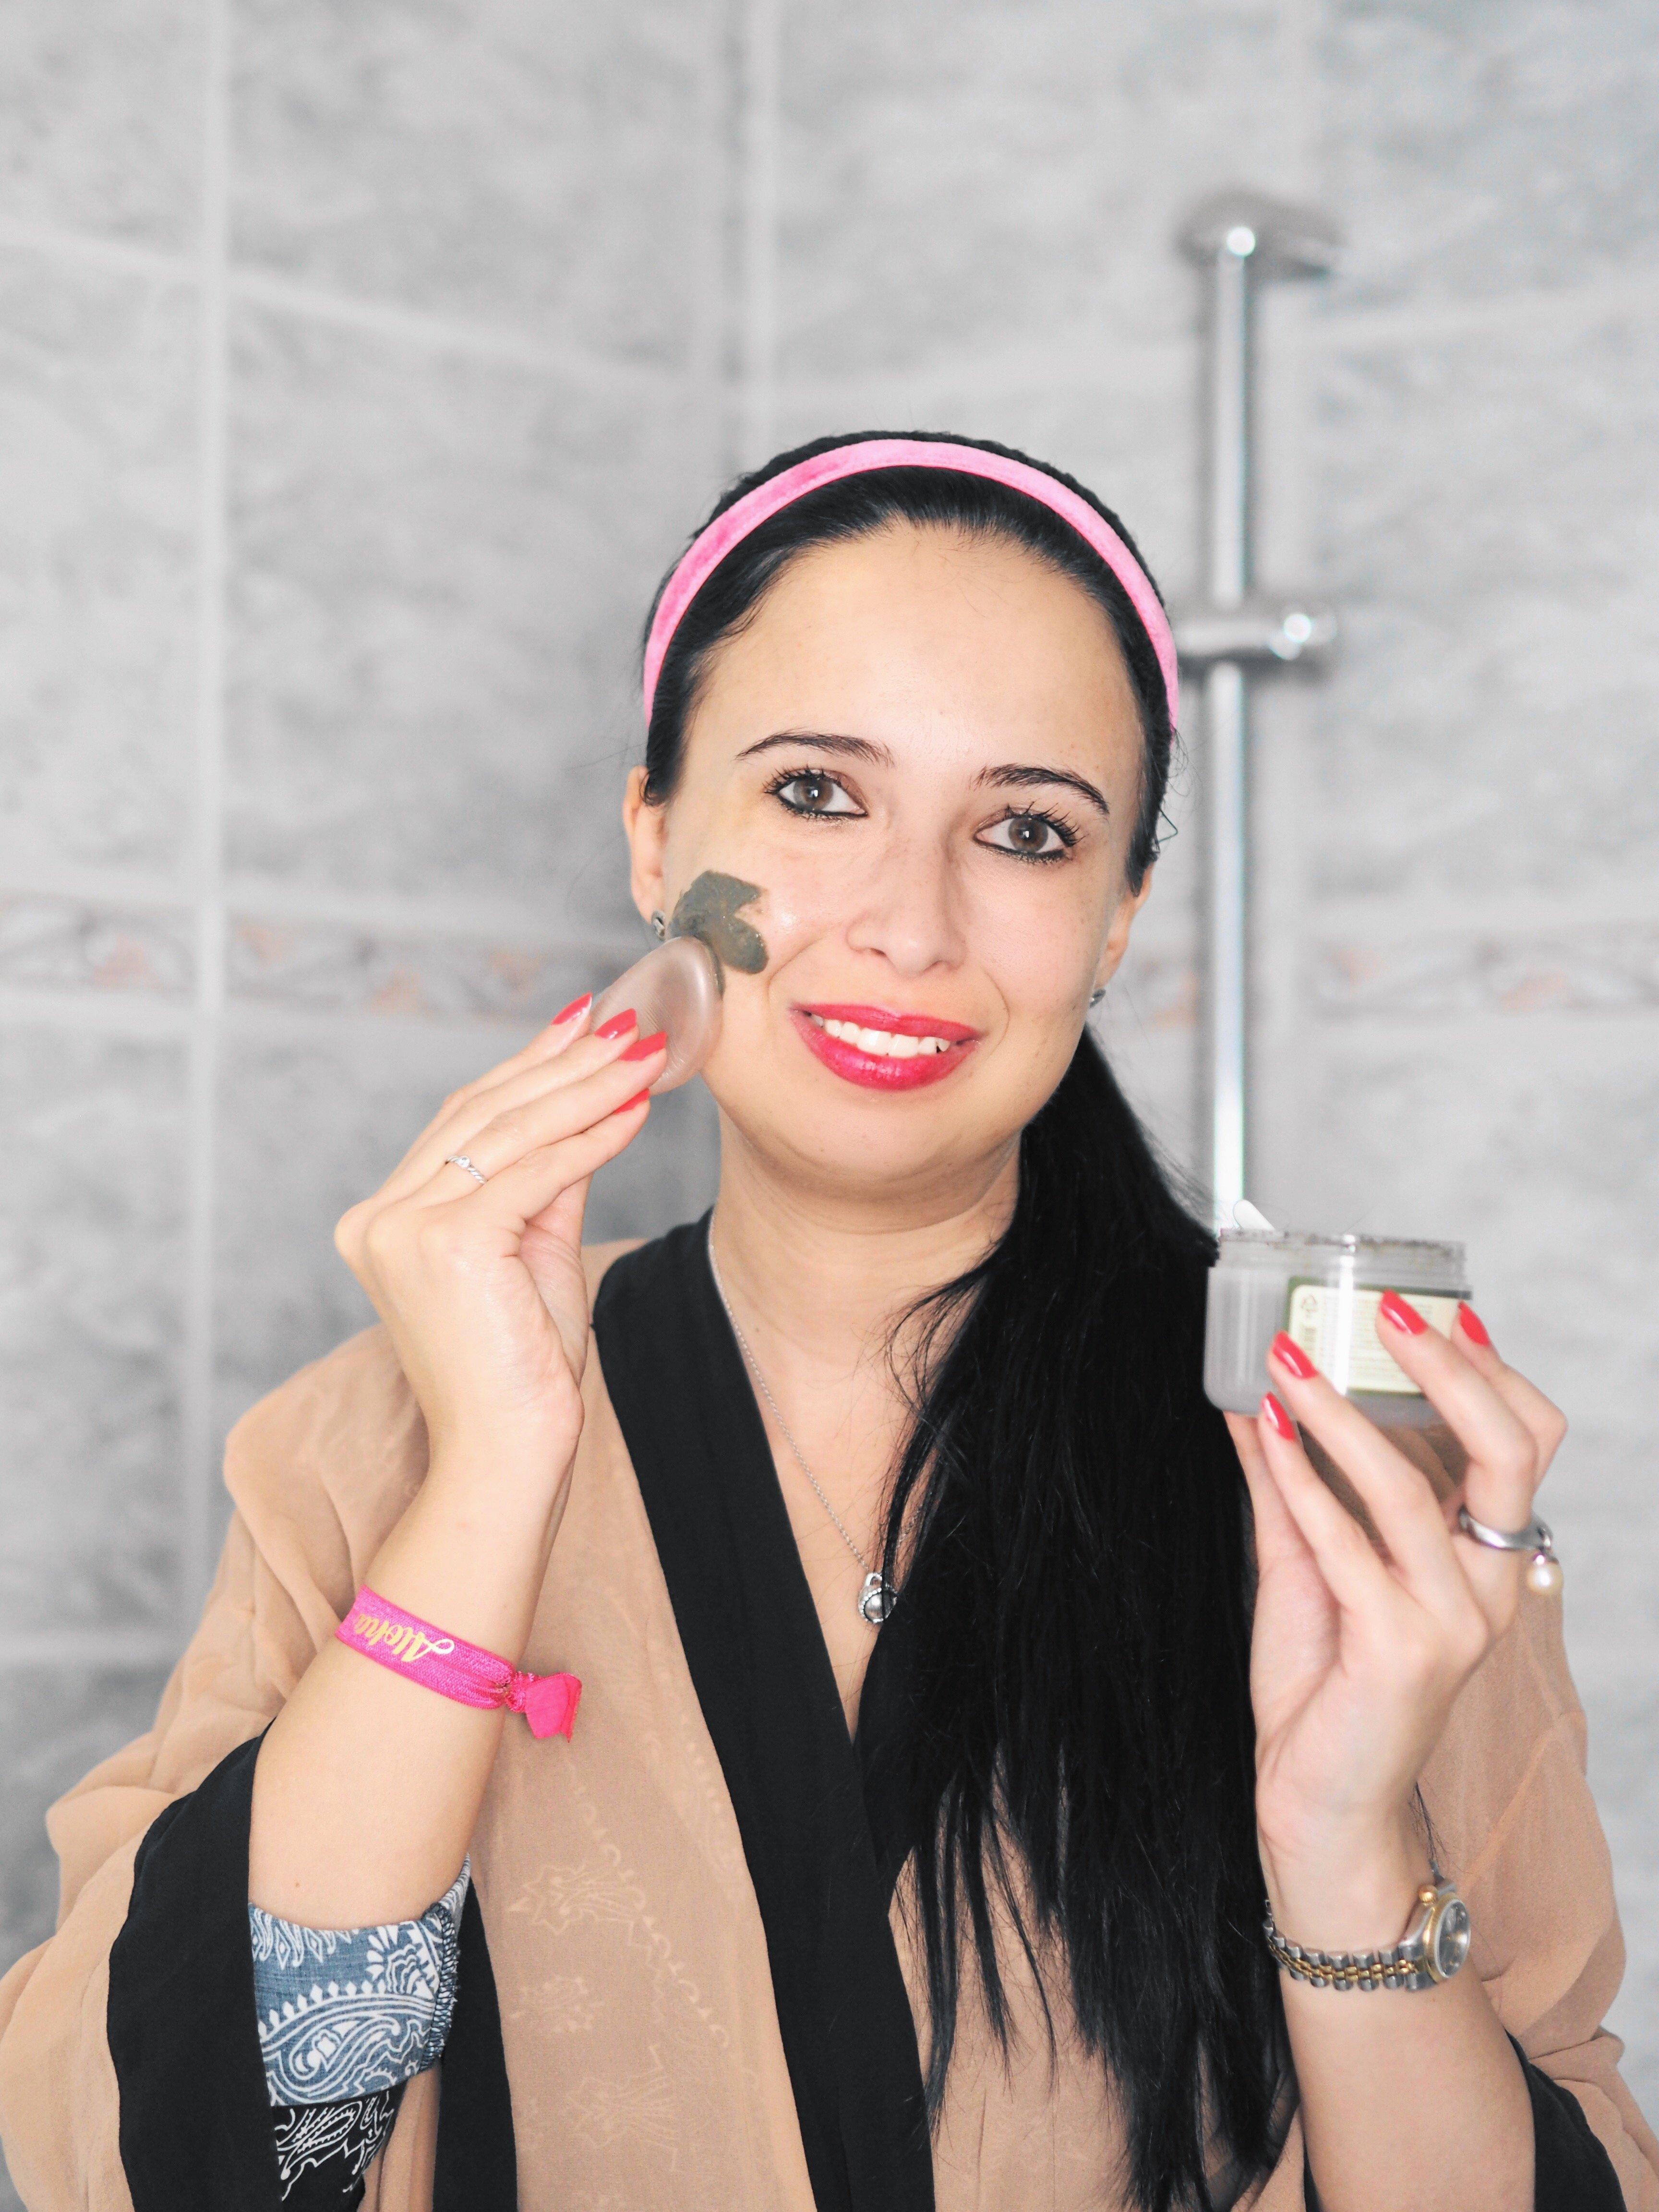 Heute zeige ich euch meine Hautpflege-Routine mit Produkten von nu:ju, Weyergans, Dr. Severin, Silisponge und der Carbonated Bubble Clay Mask auf meinem Blog